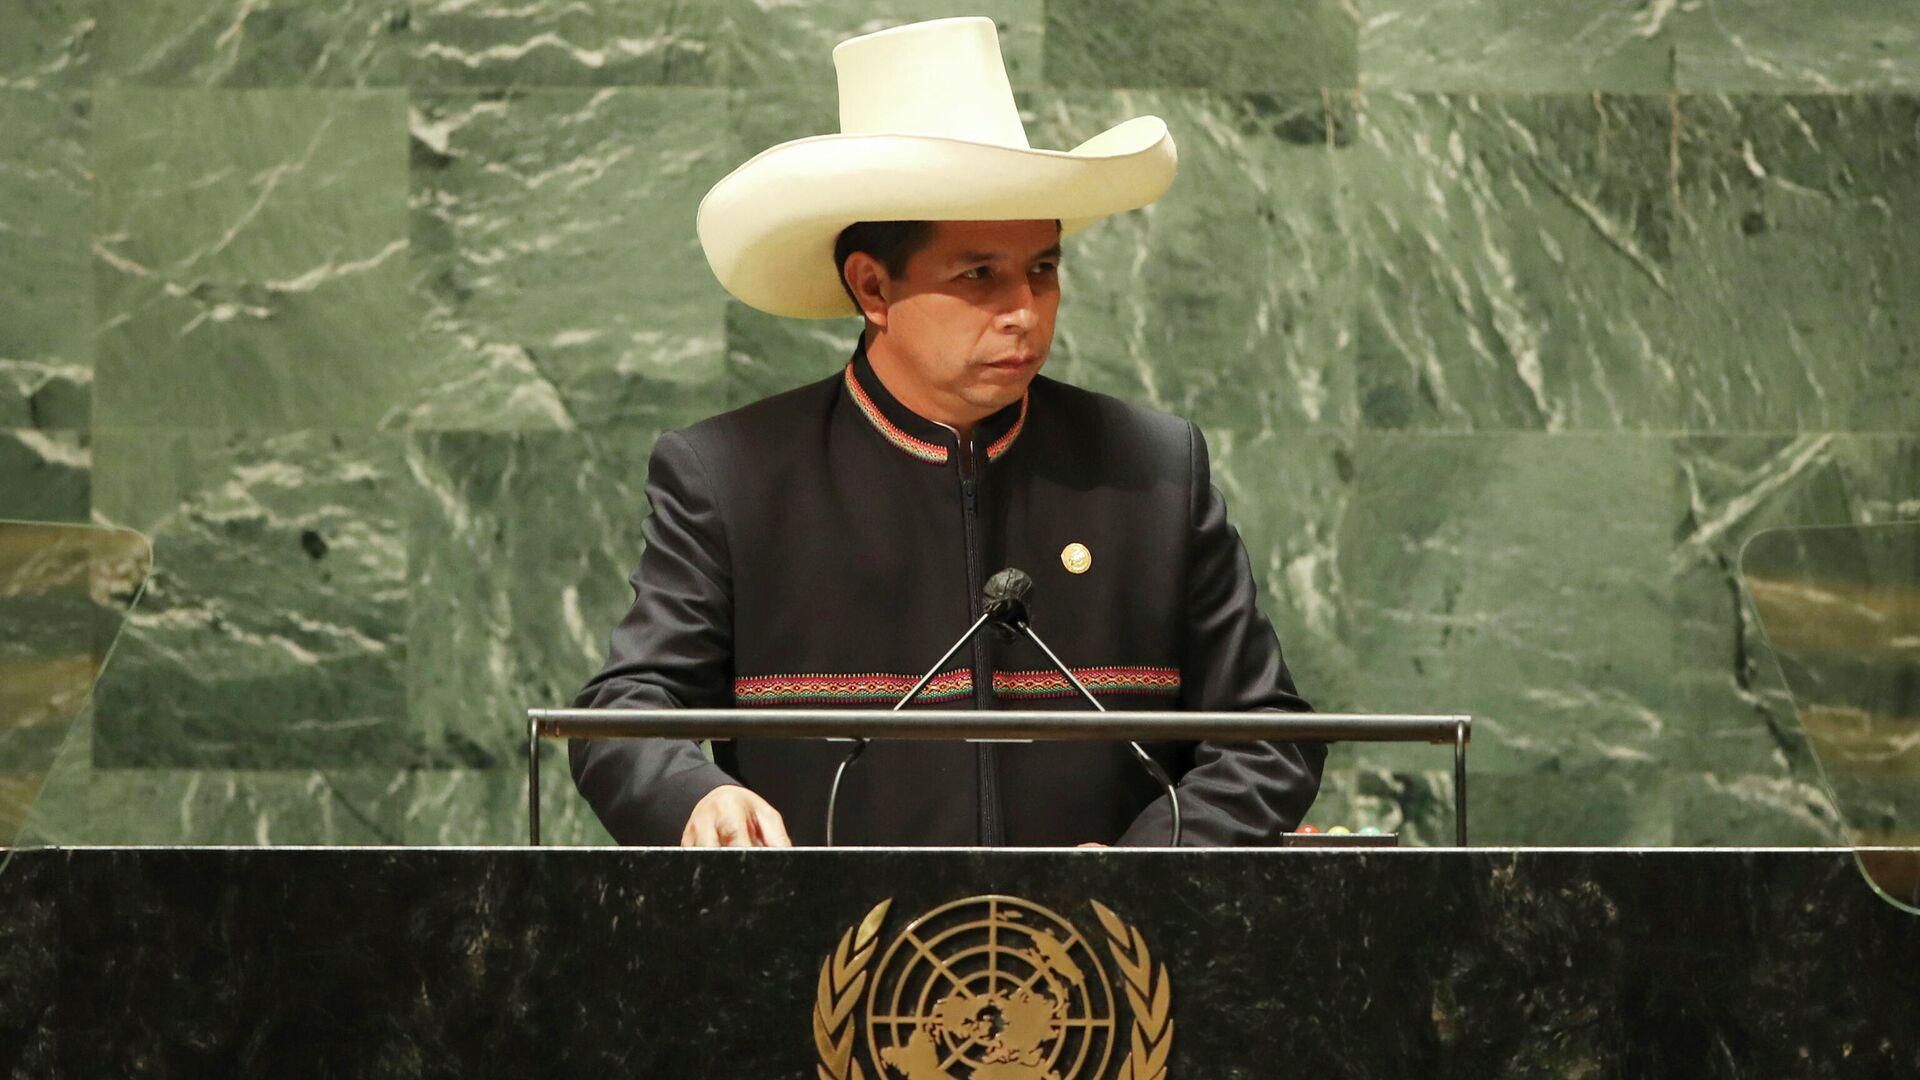 El presidente de Perú, Pedro Castillo, durante la Asamblea General de Naciones Unidas en 2021 - Sputnik Mundo, 1920, 22.09.2021